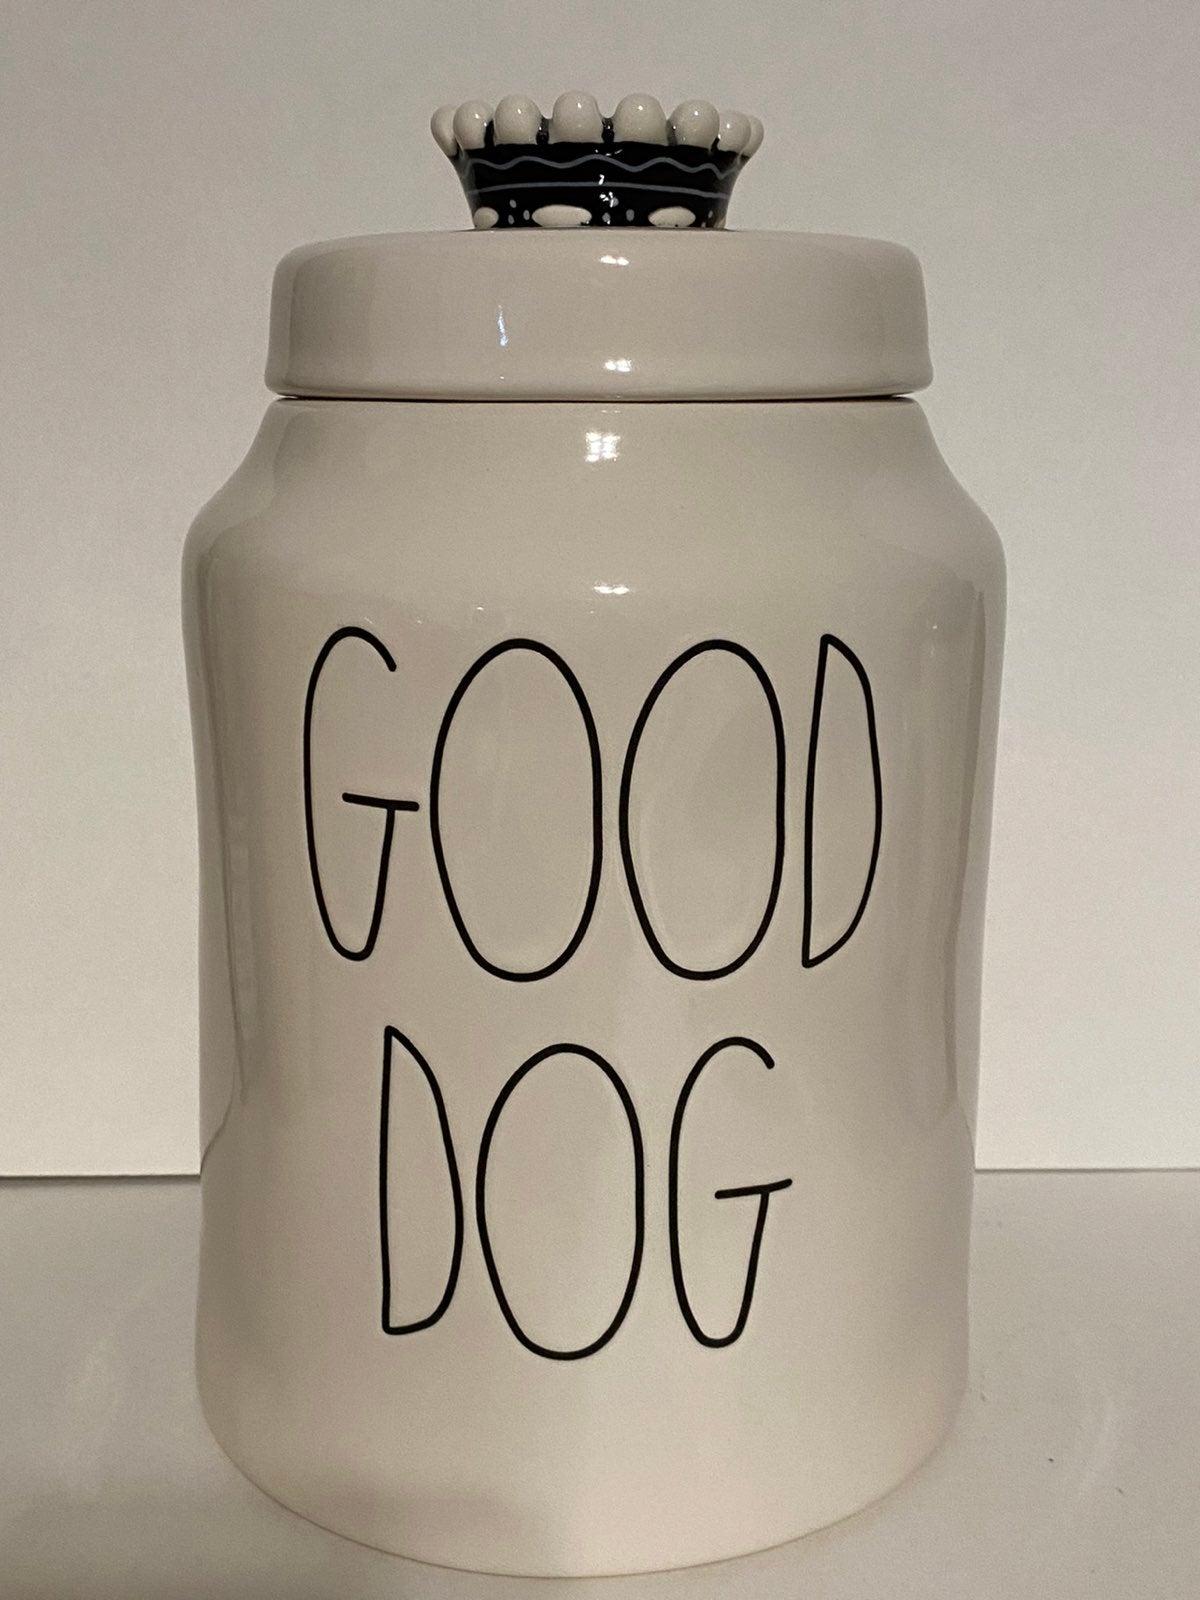 New Rae Dunn Good Dog Treat Canister